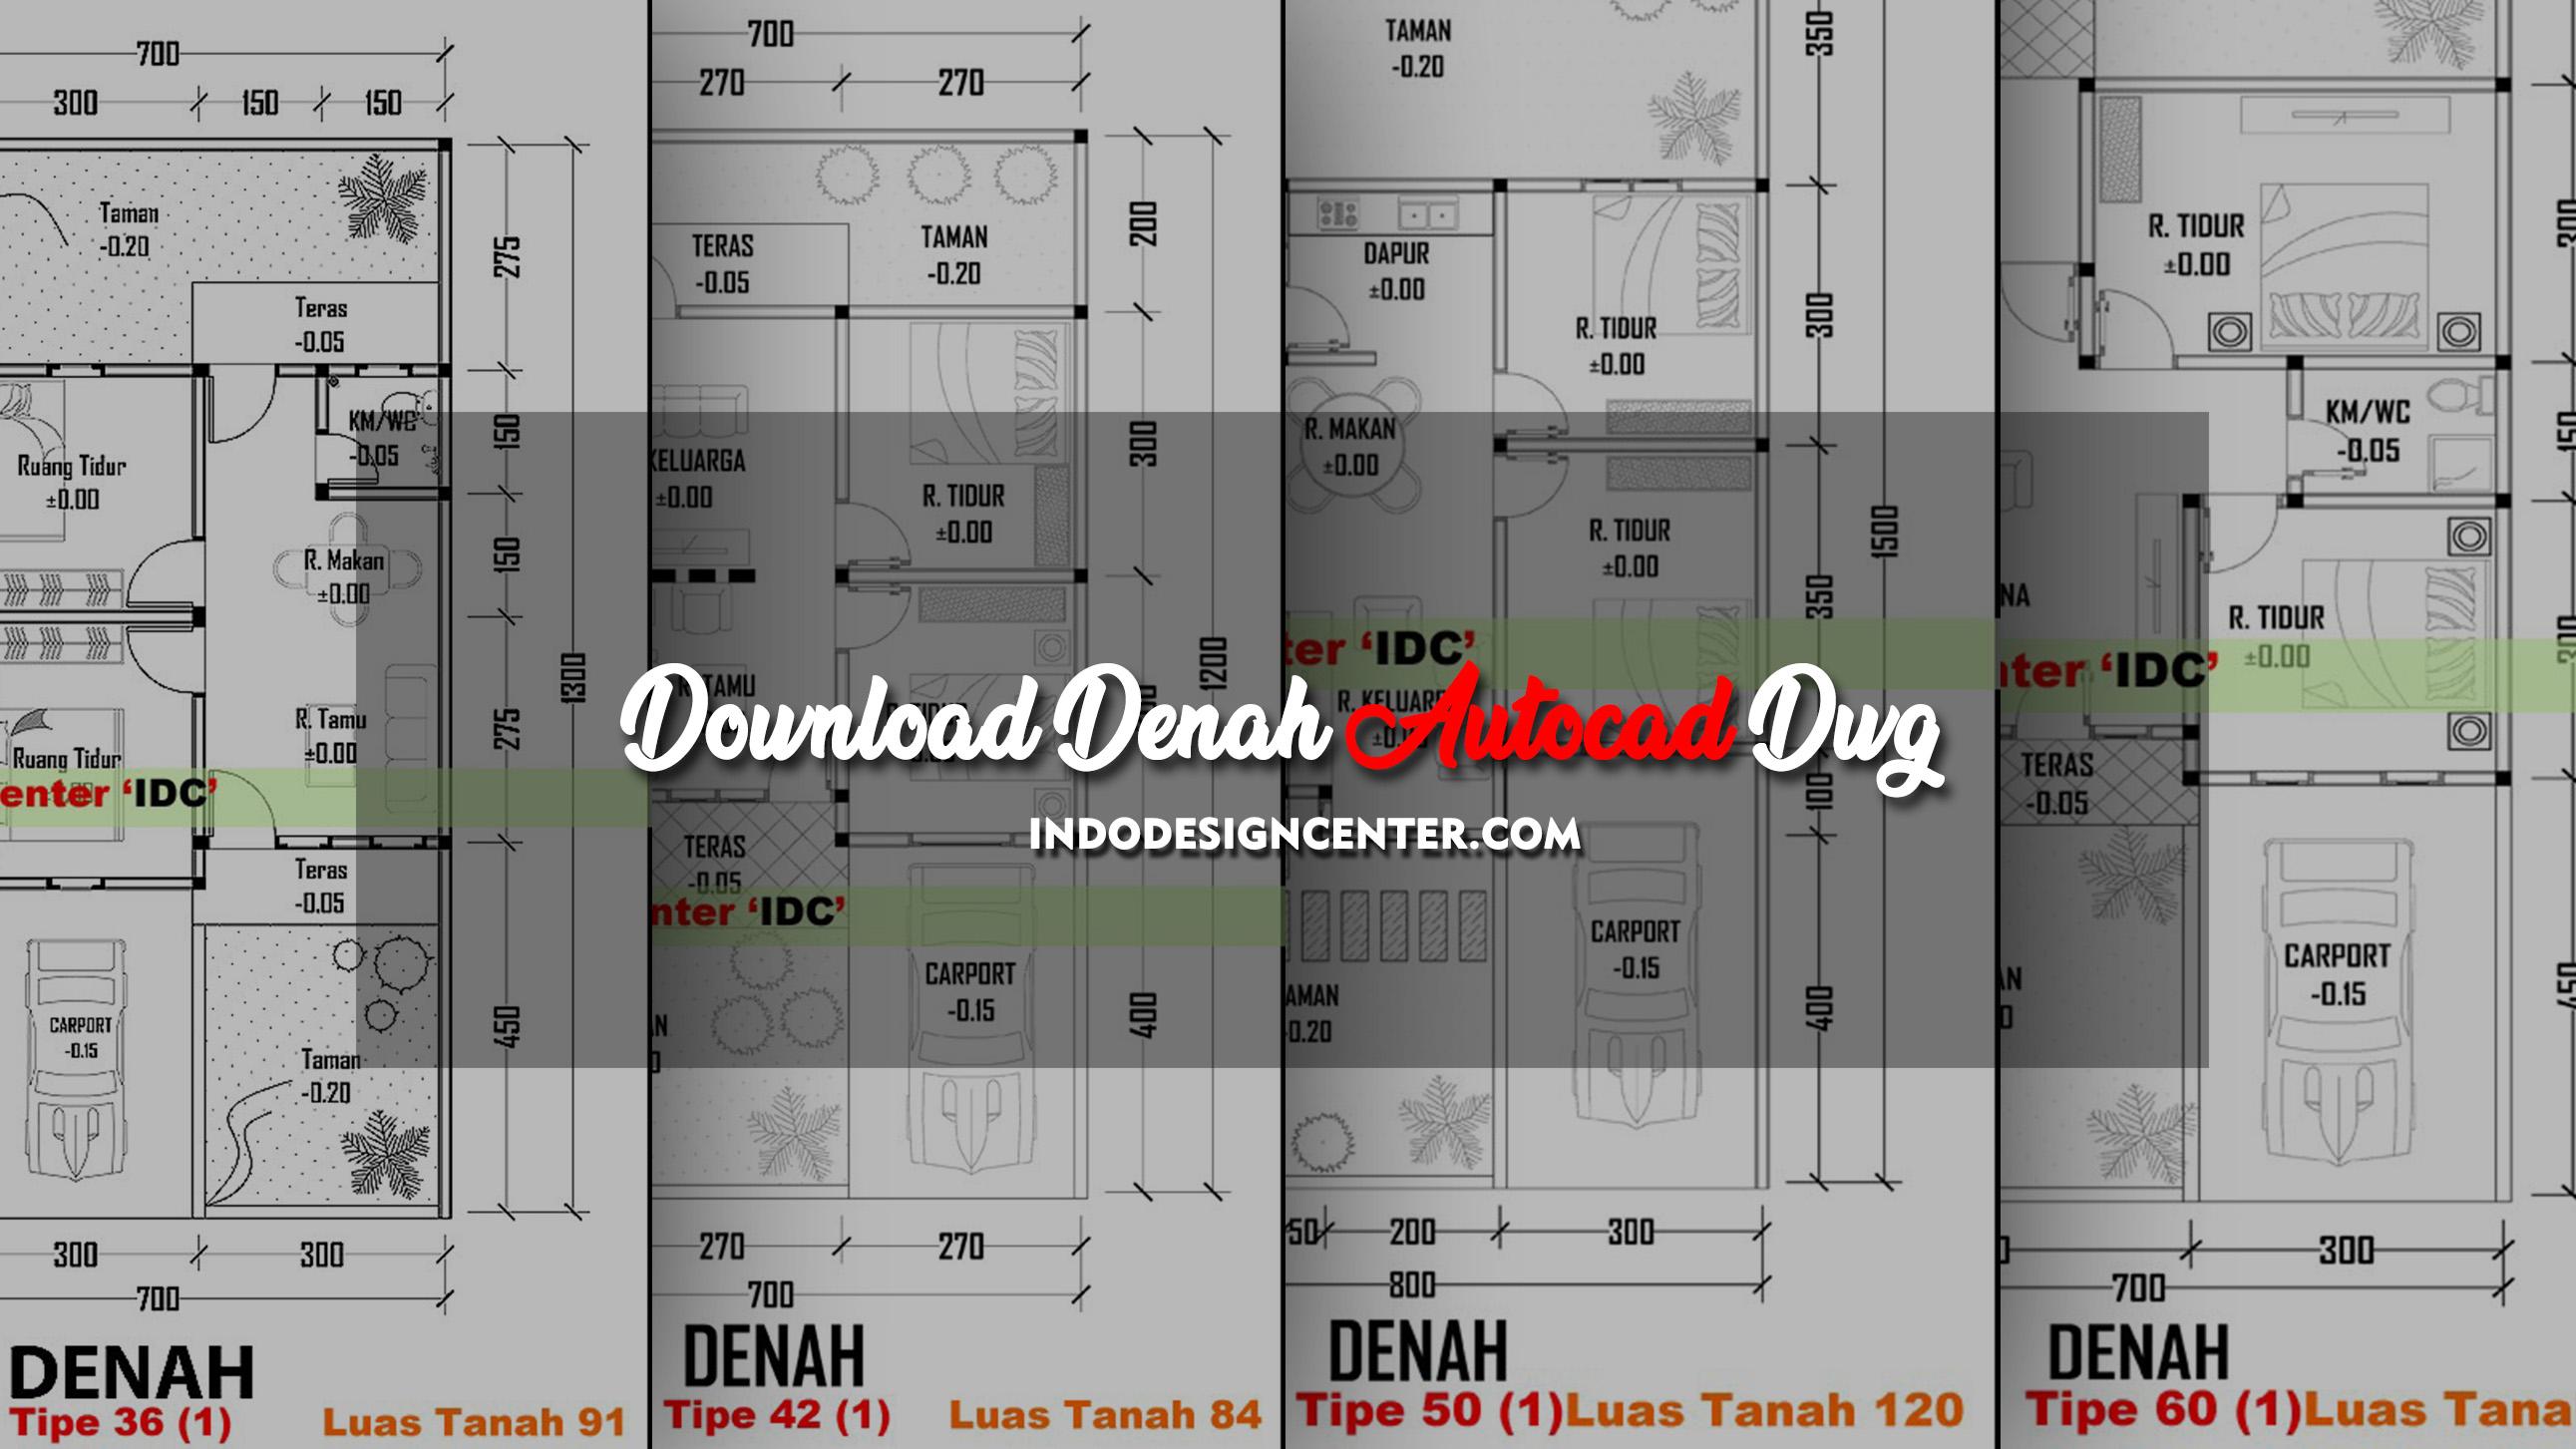 Download Denah Autocad Dwg